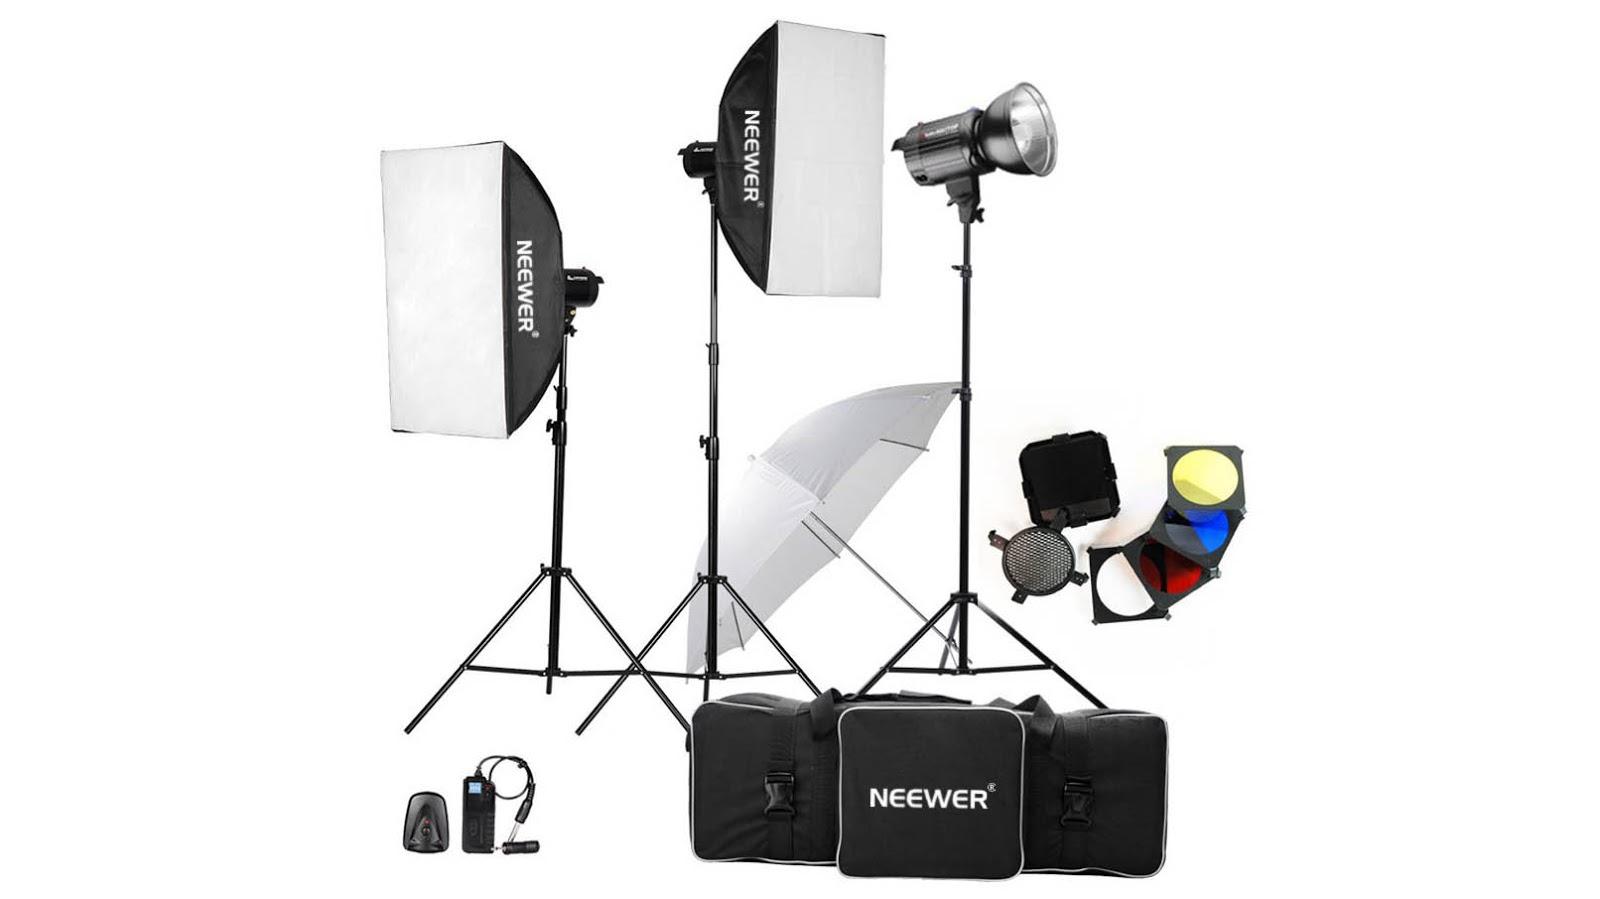 Neewer-Professional-Photography-Lighting